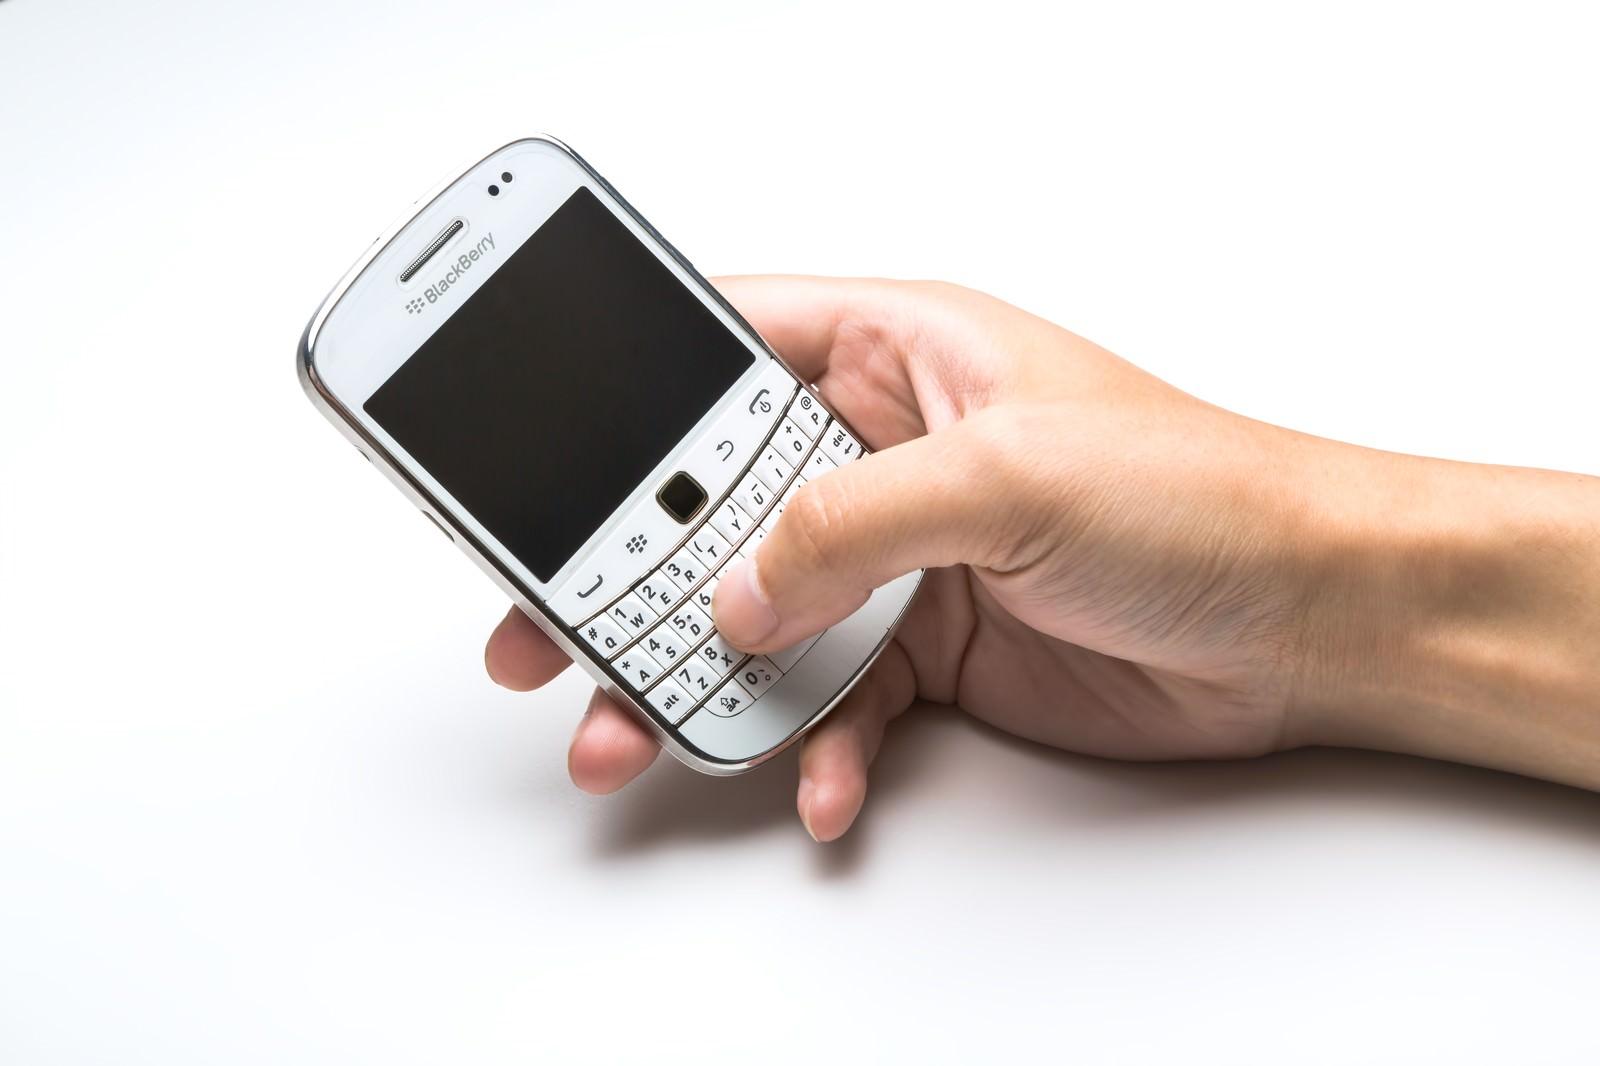 「BlackBerryを操作する手」の写真